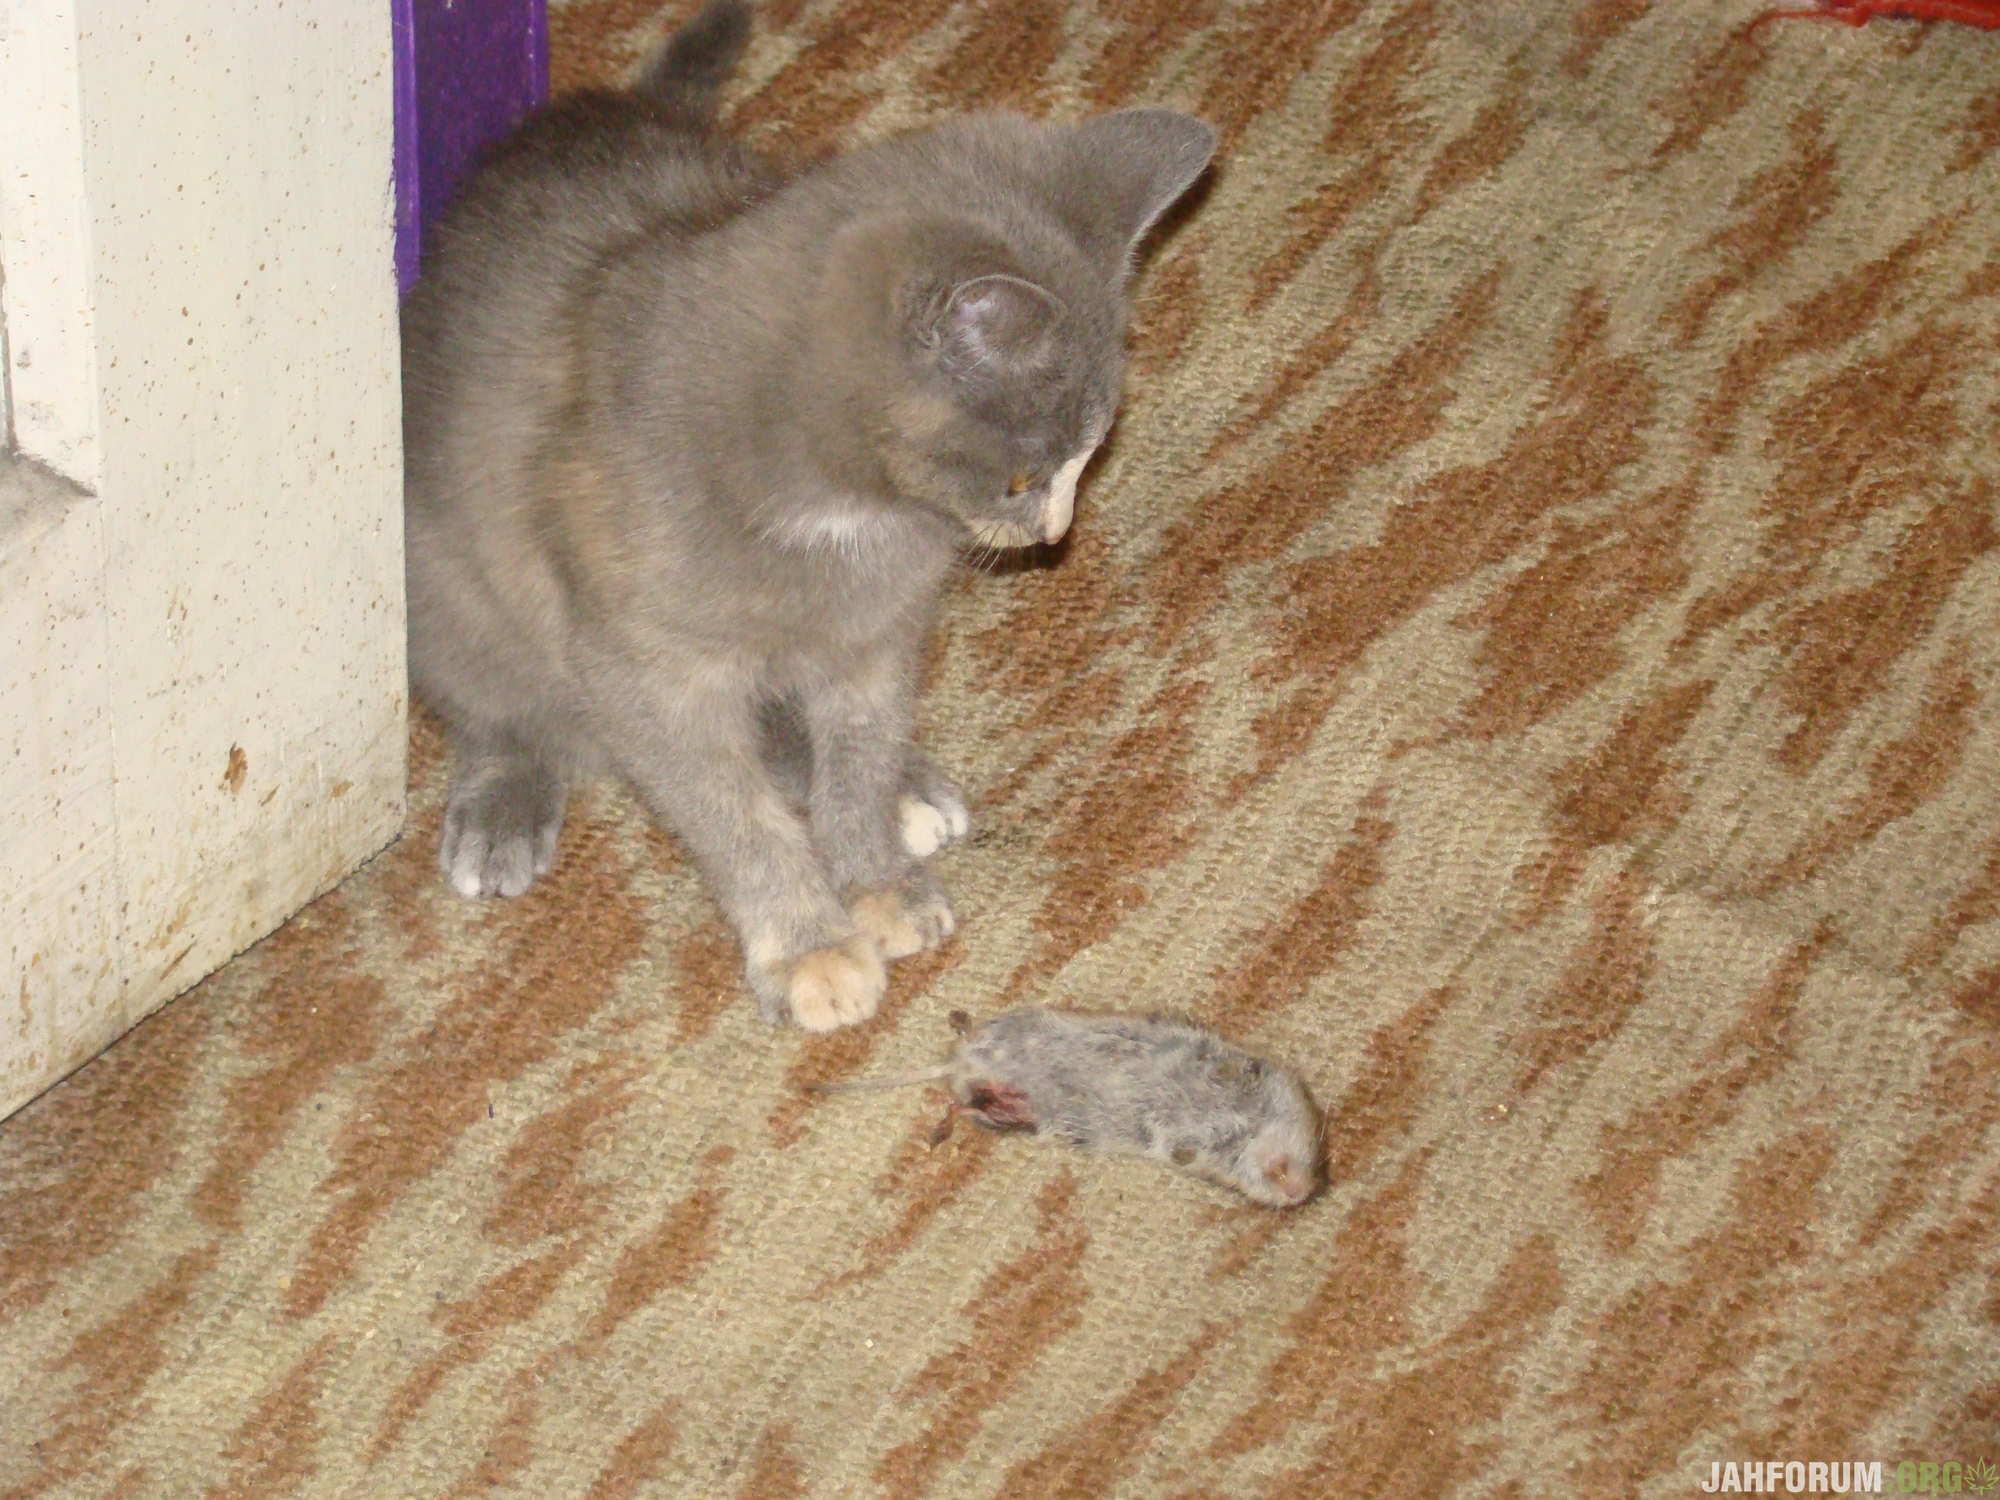 Маруся 3 месяца завалила крысу